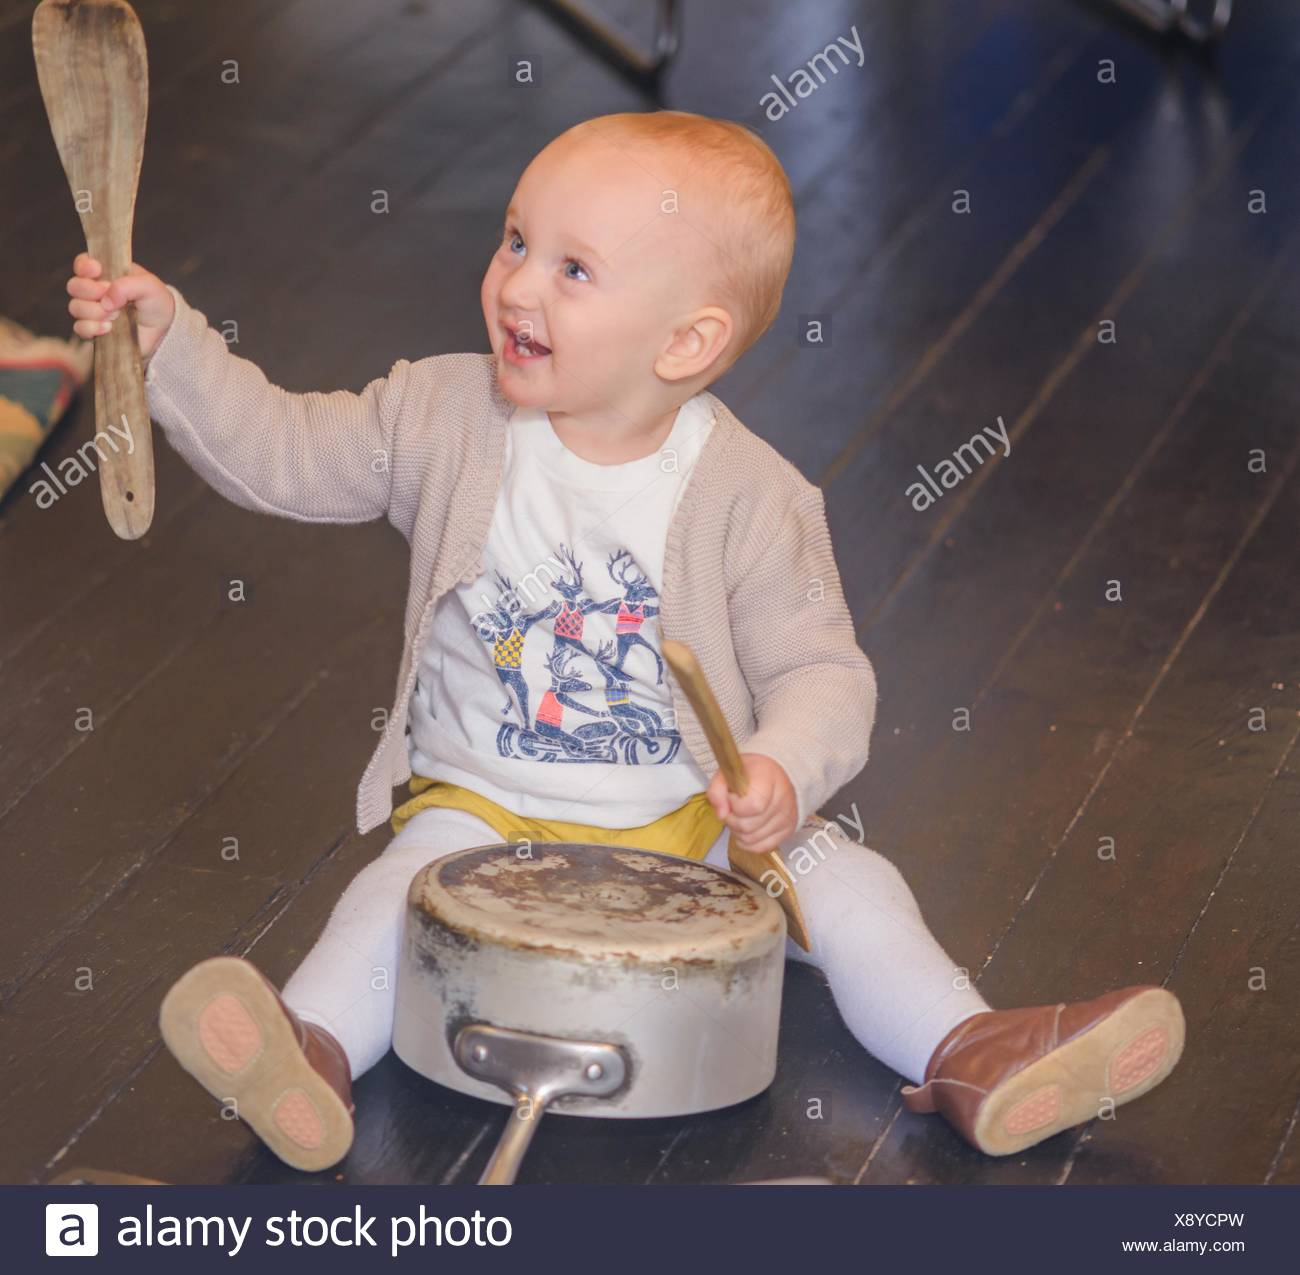 Toddler banging saucepan with kitchen utensils - Stock Image